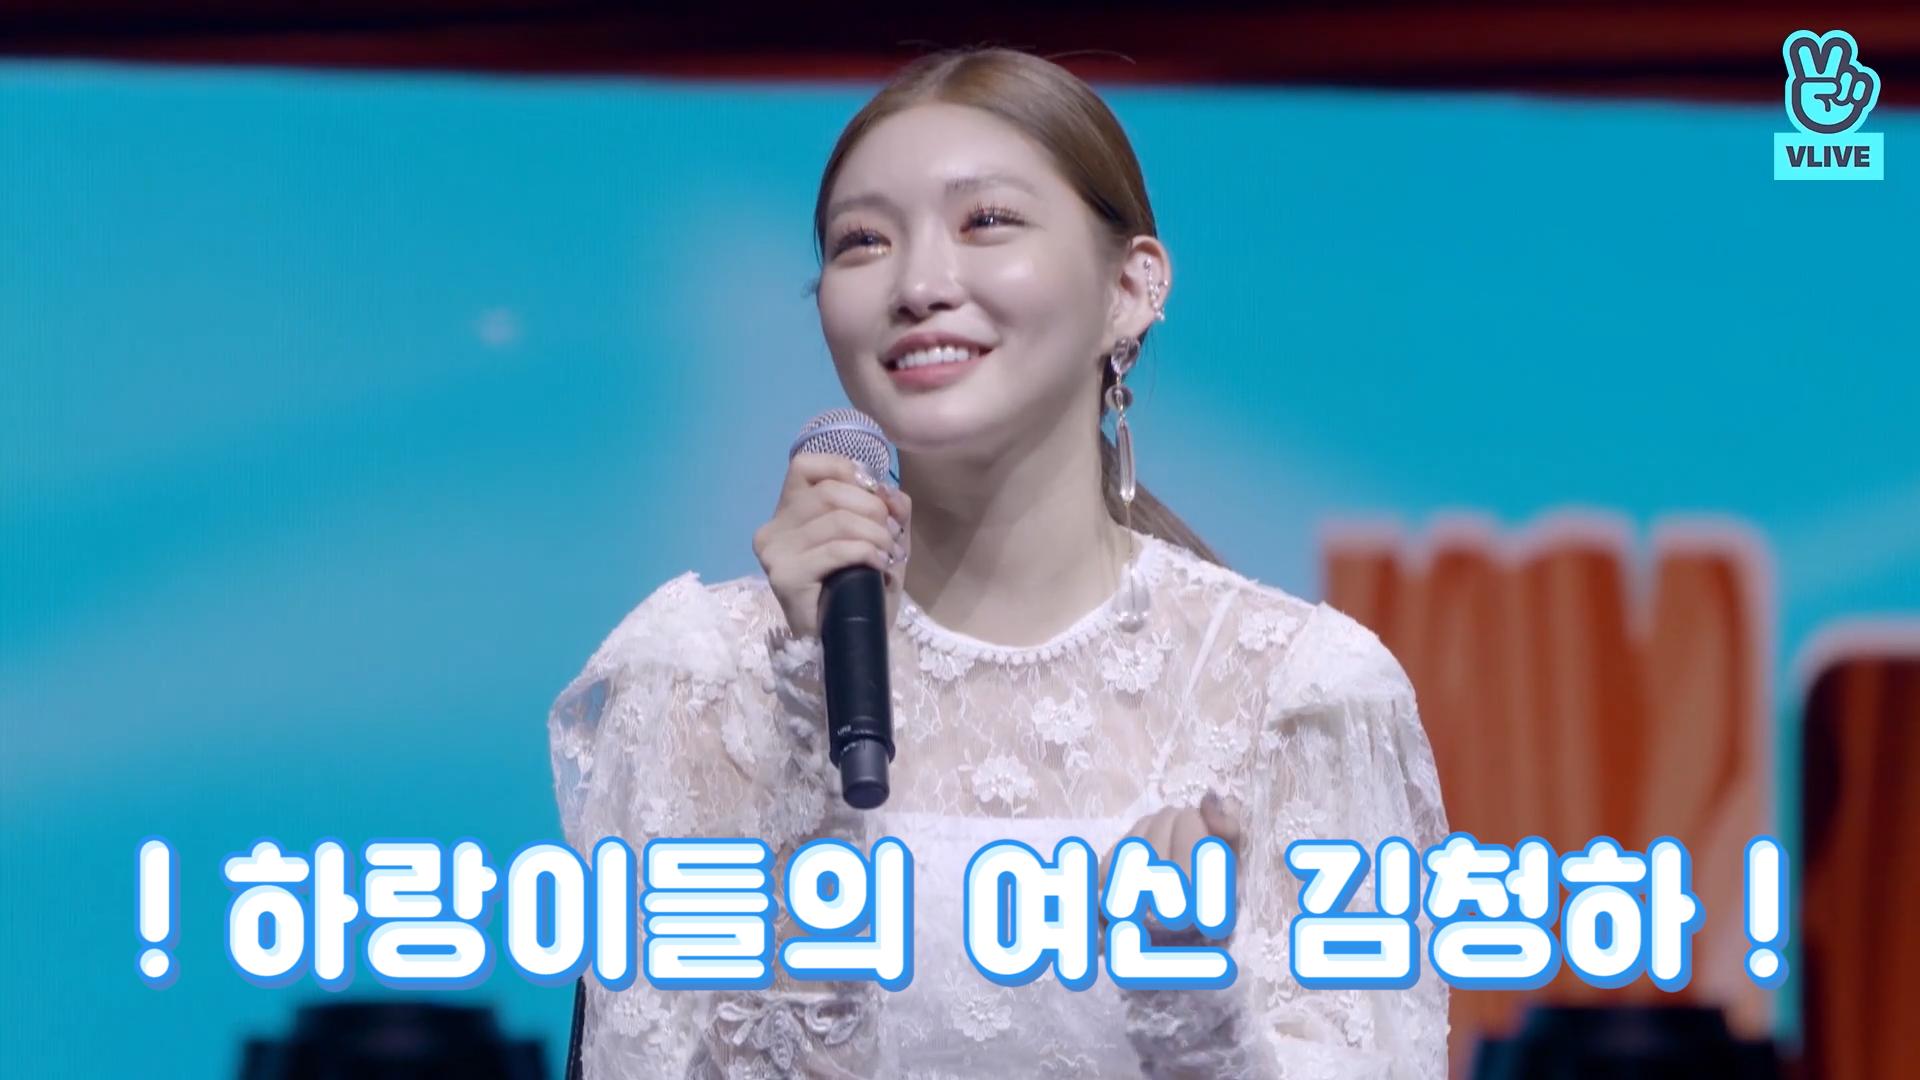 [ChungHa] 하랑이들의 여신 청하야 별랑해💙💚💙💜 (ChungHa talking about Love U)